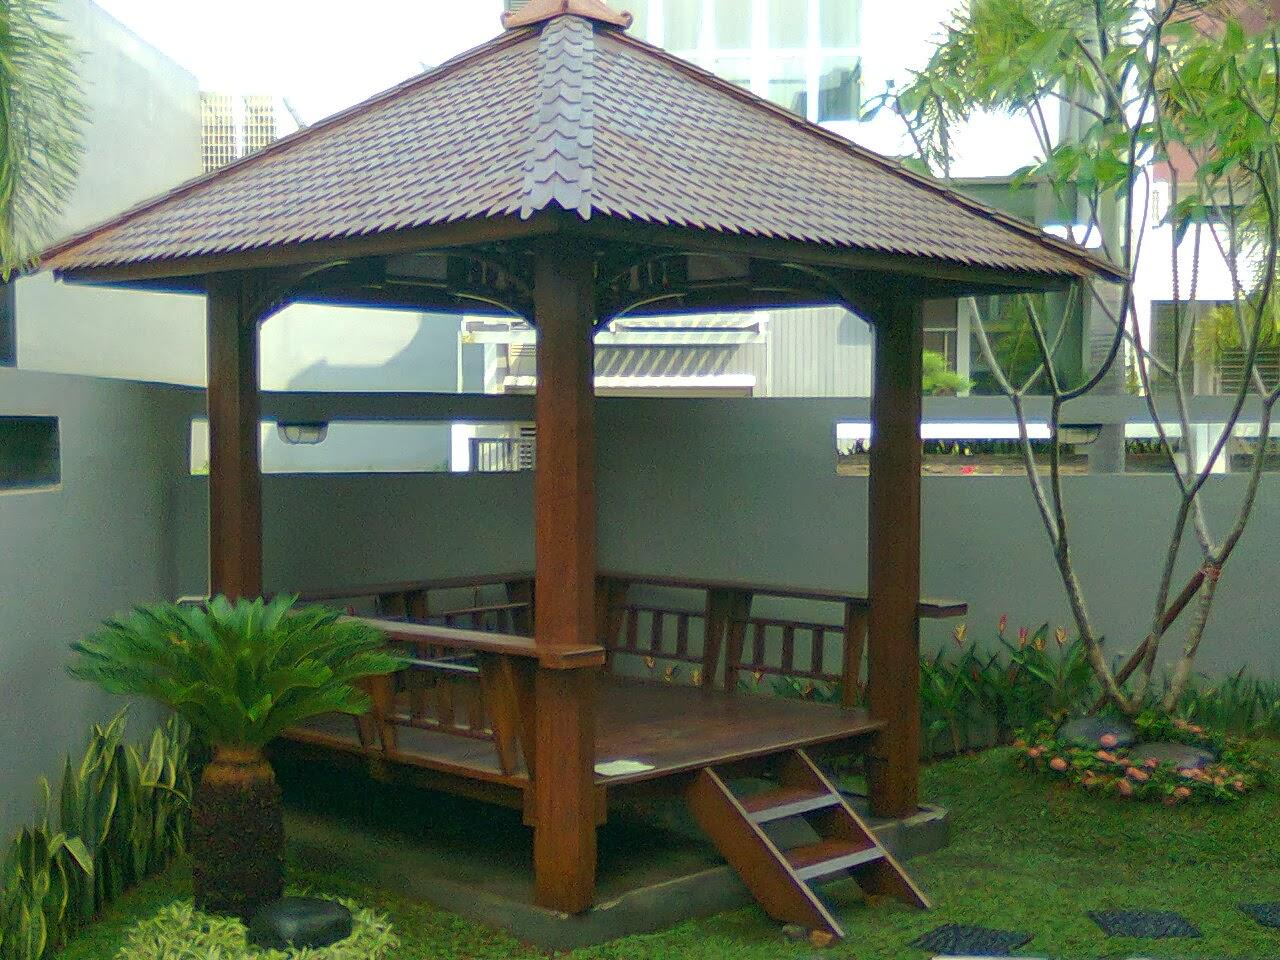 Desain Gazebo Minimalis Untuk Aksesoris Dekorasi Taman Rumah